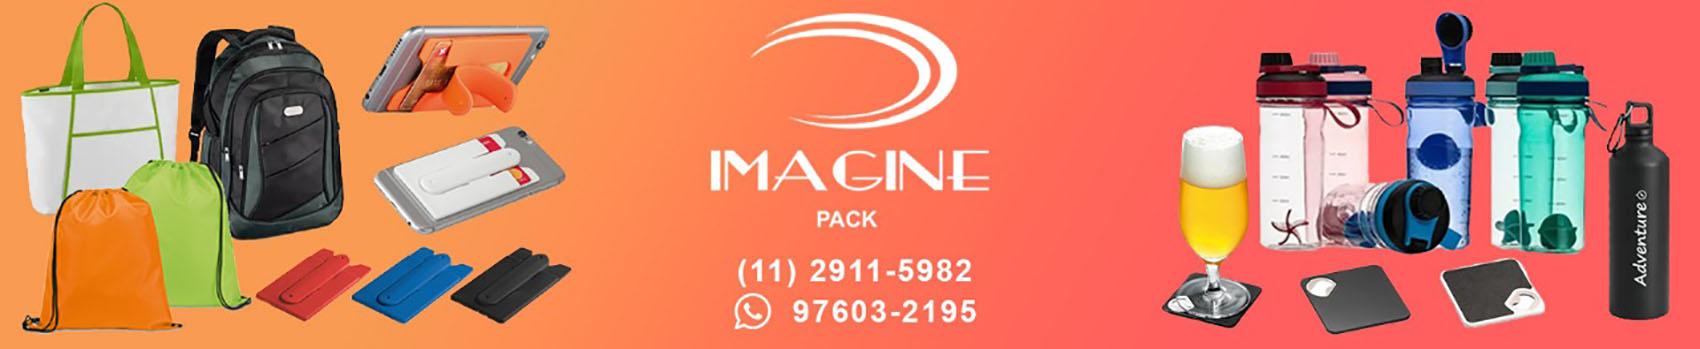 Imagine Pack Brindes